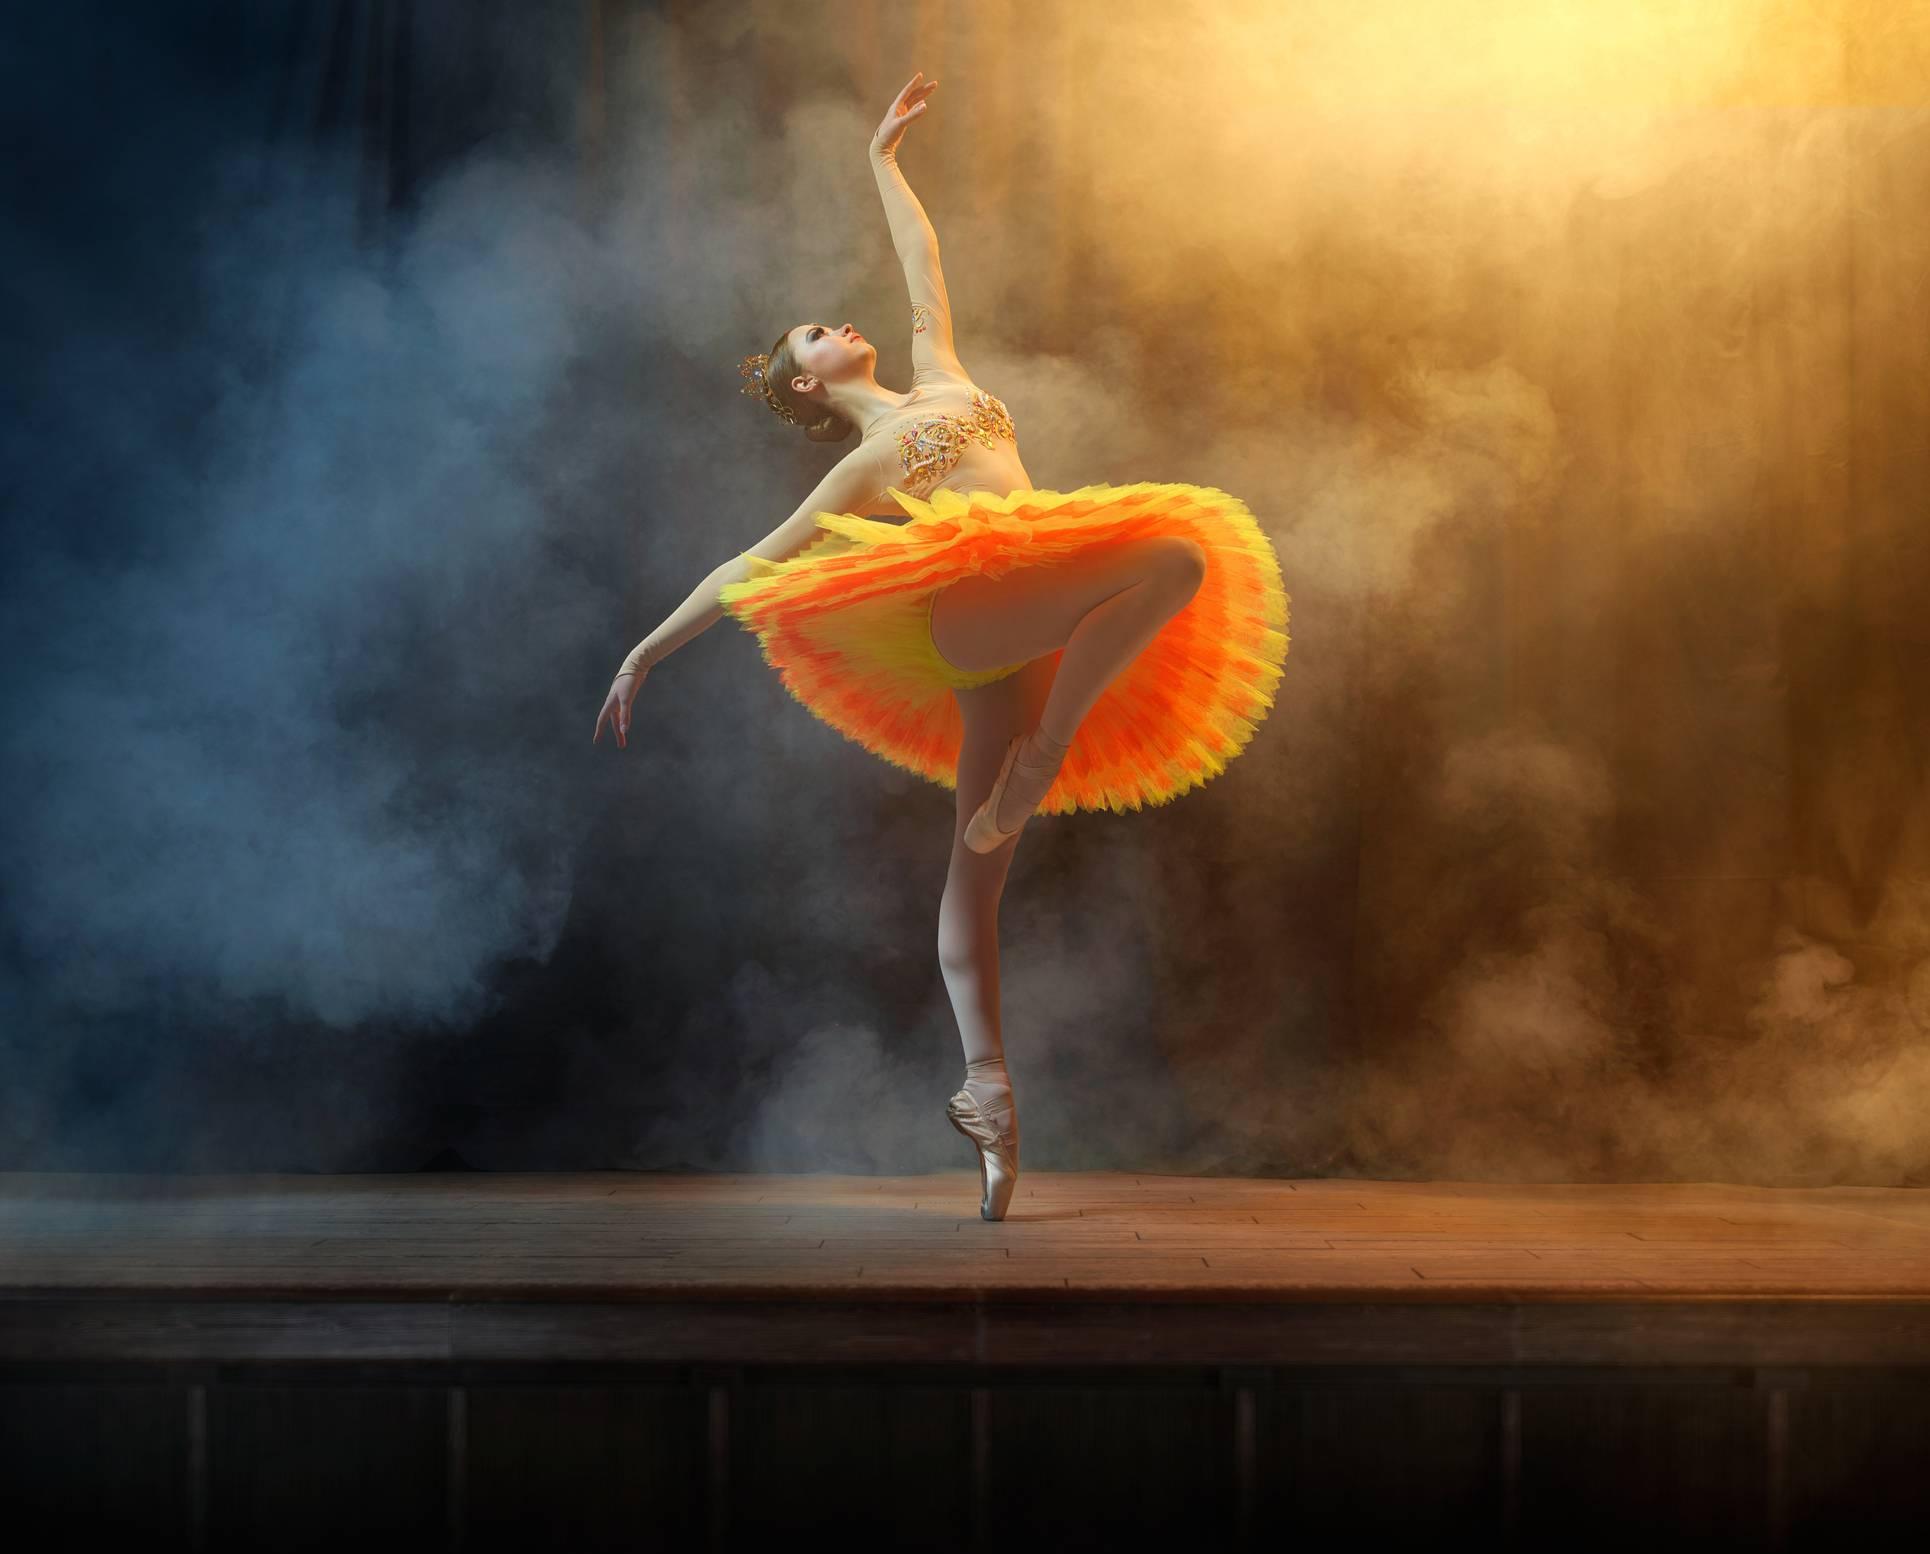 como ser uma dançarina profissional